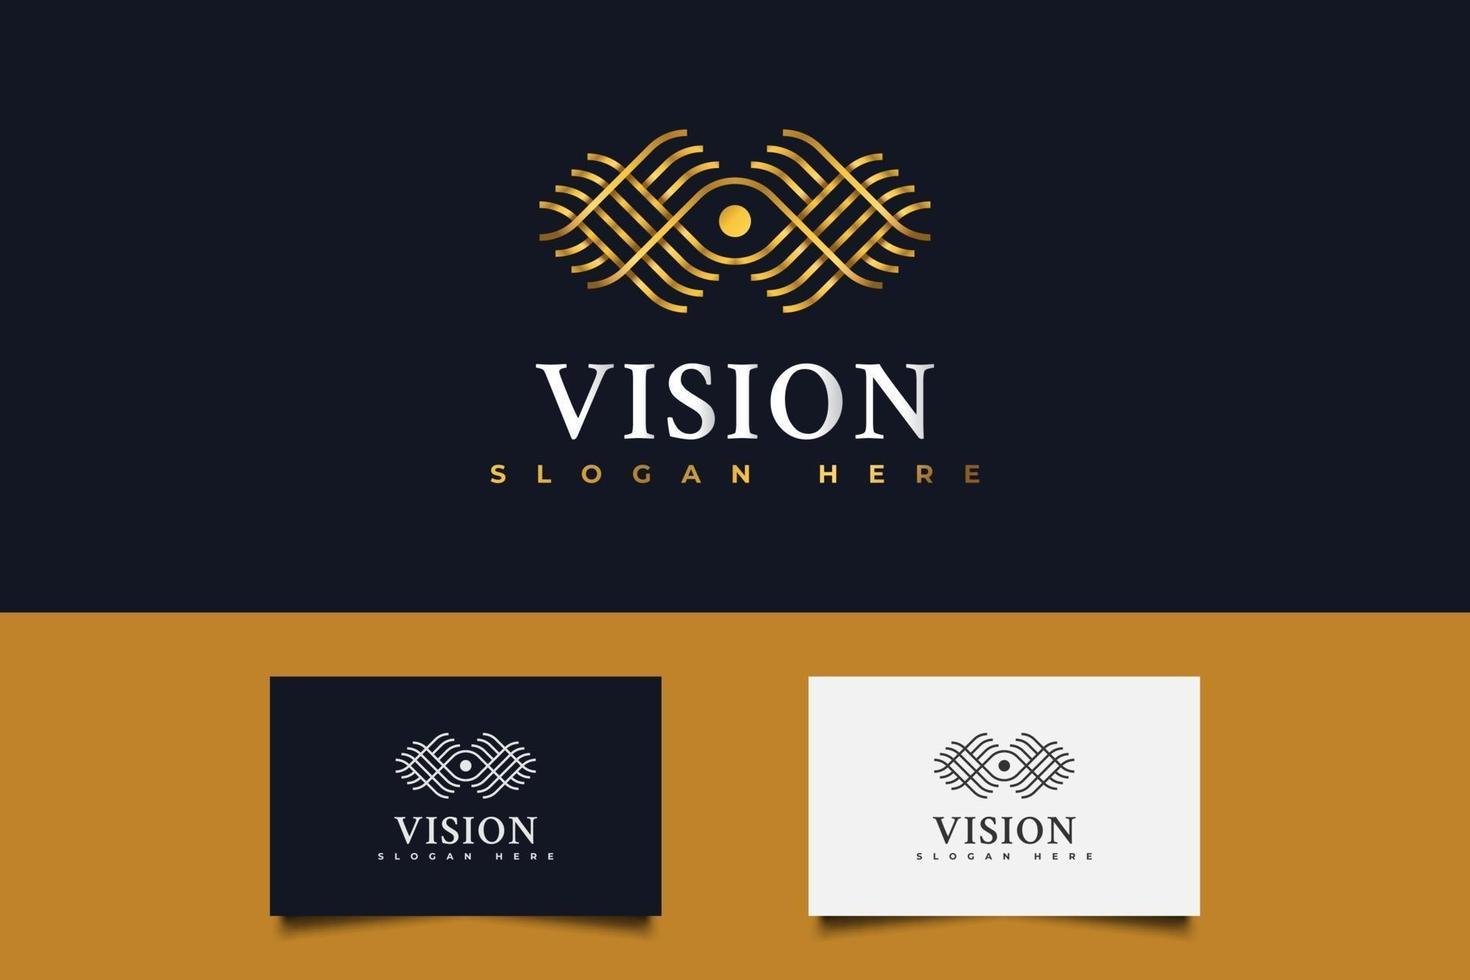 gyllene ögon vision logotyp. ett öga logotyp i linjärt koncept vektor